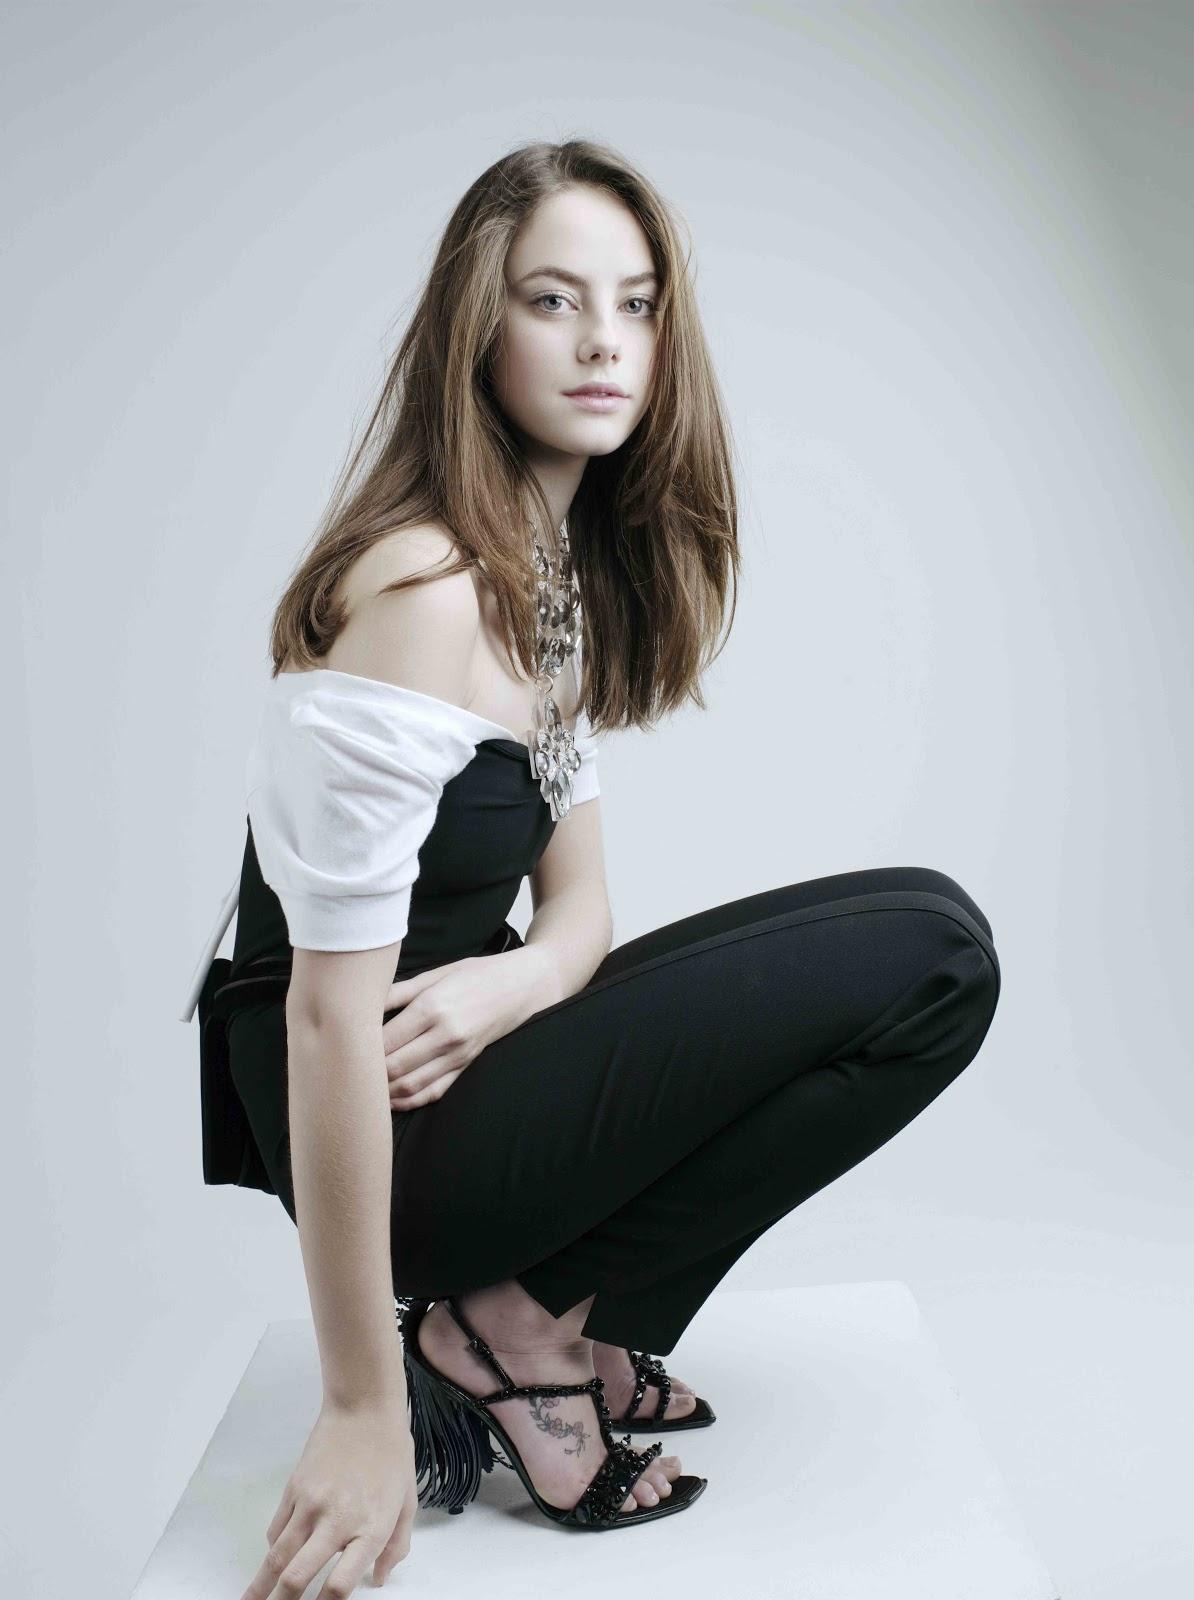 Maze Runner actress Kaya Scodelario Full HD Images & Wallpapers